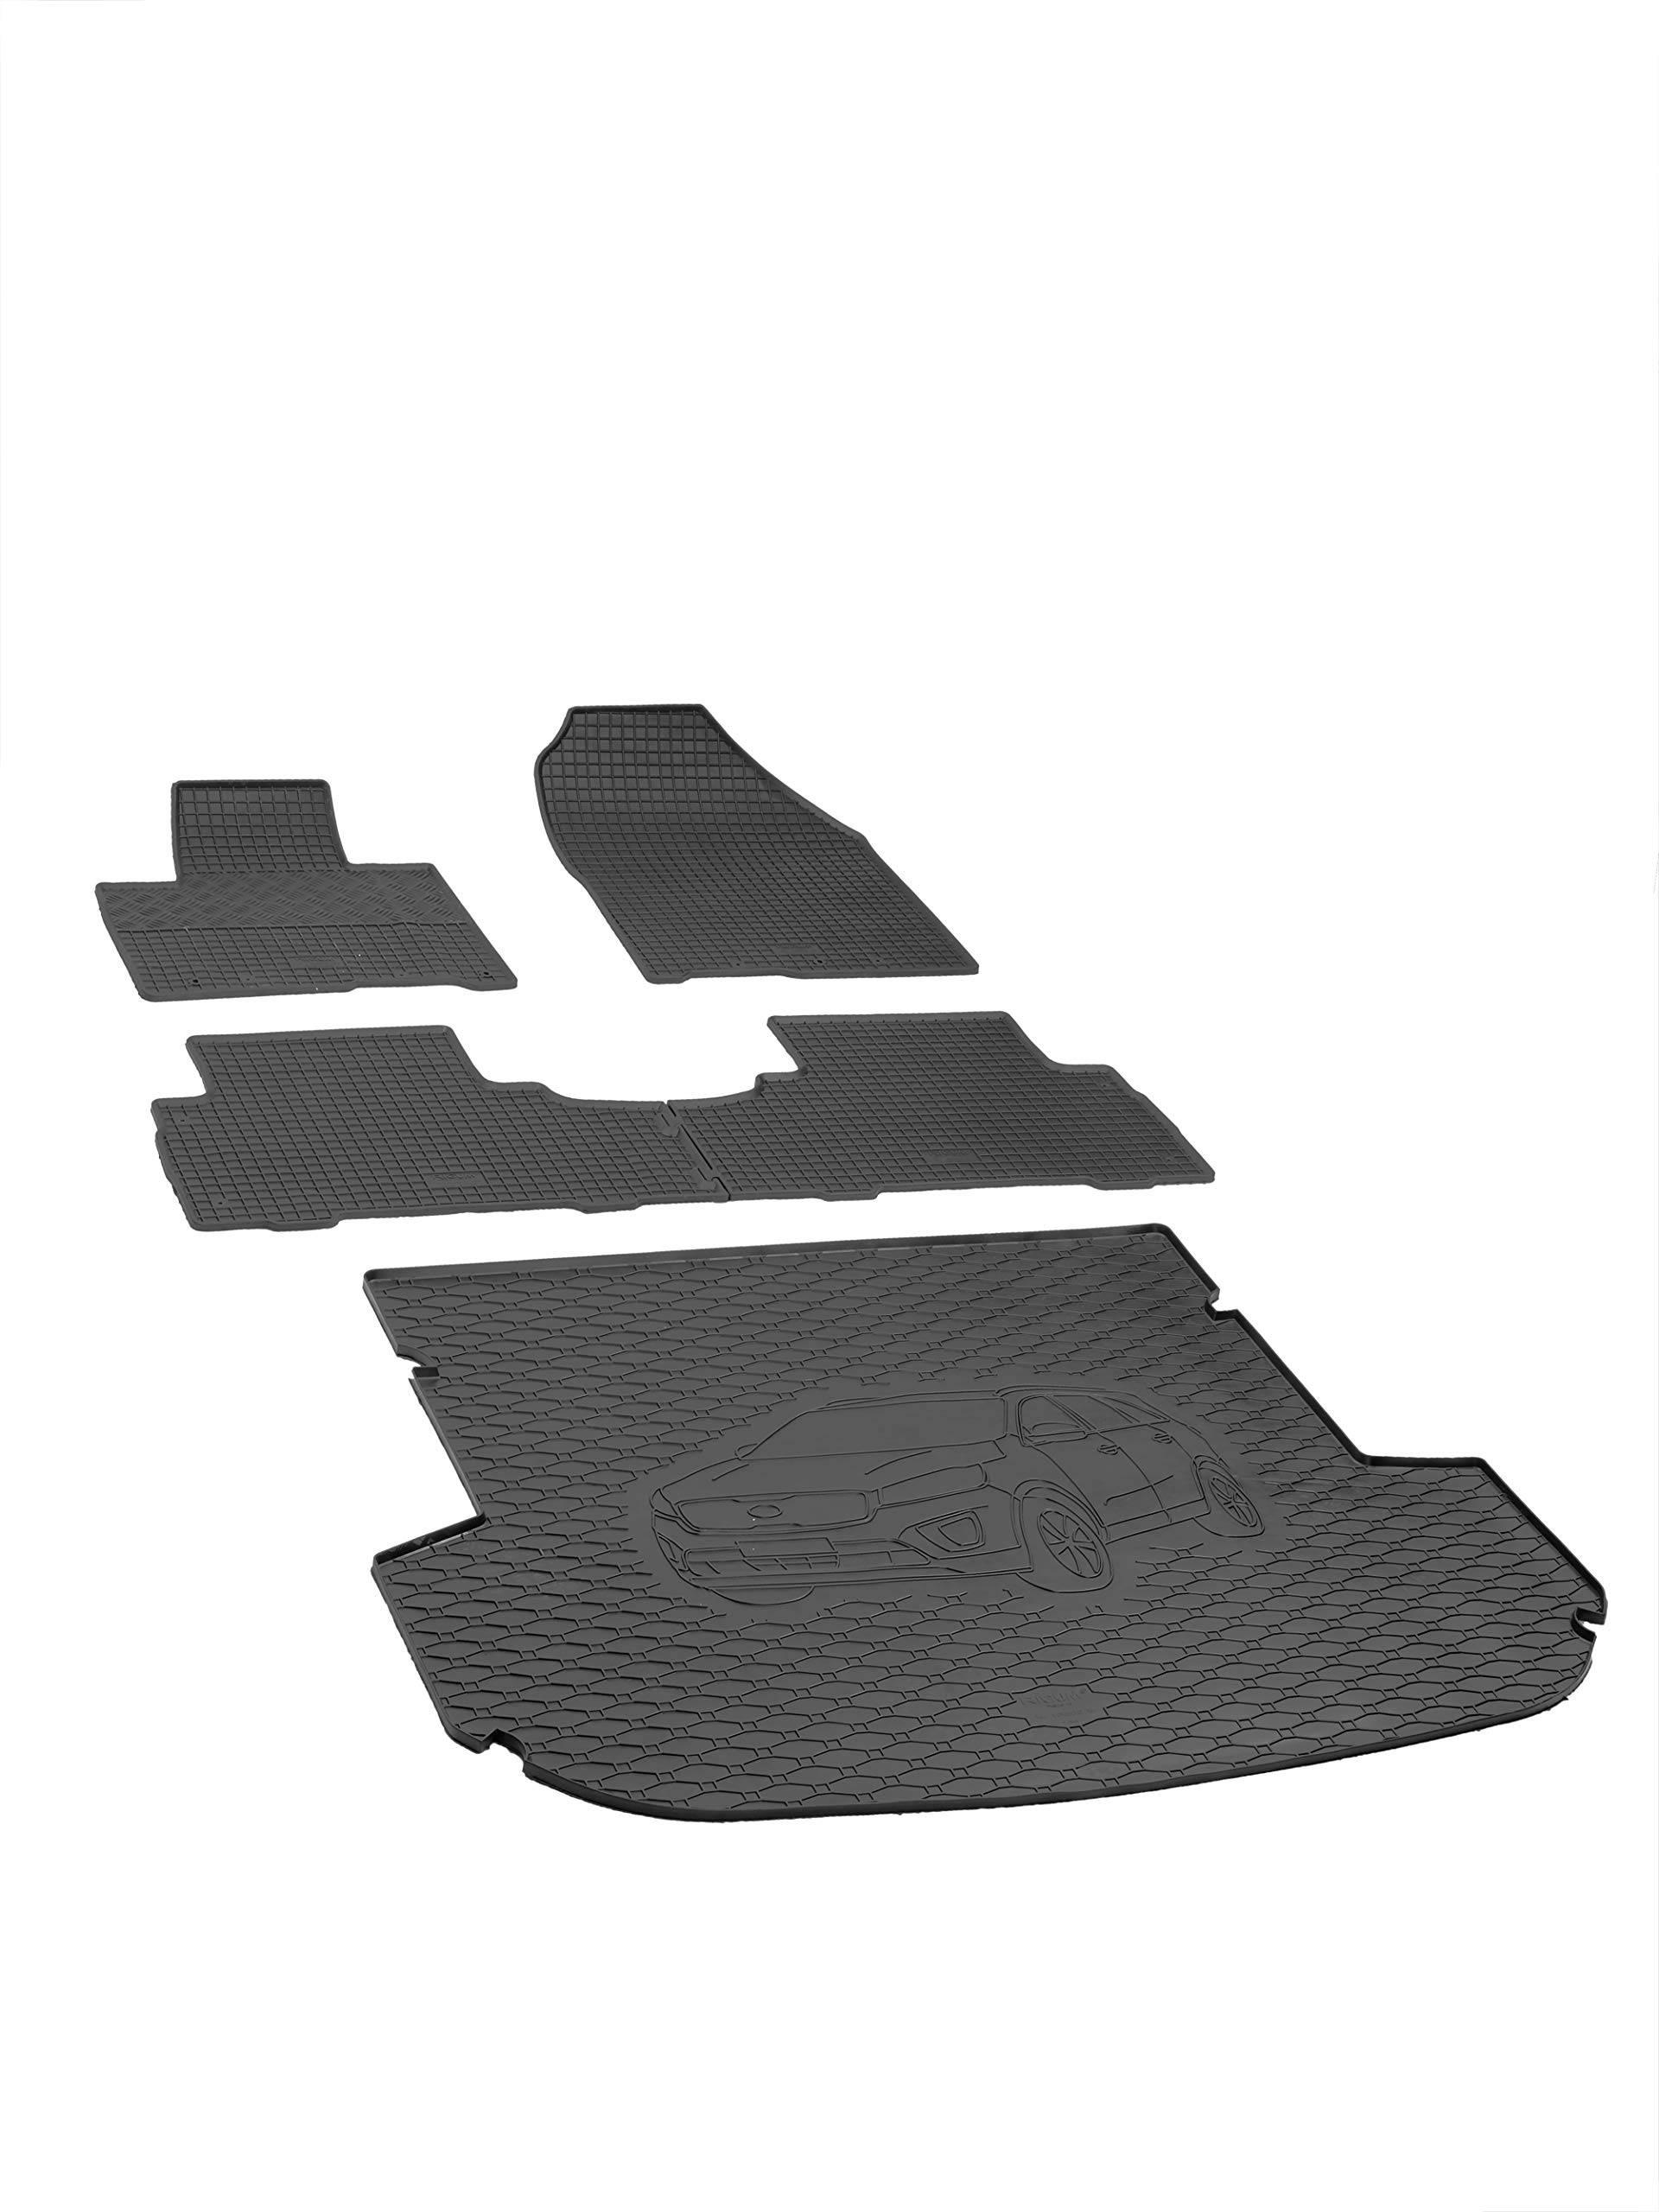 Gummimatten für Dacia Dokker ab 2013 Reifen-Design Fußmatten Gummi Automatten